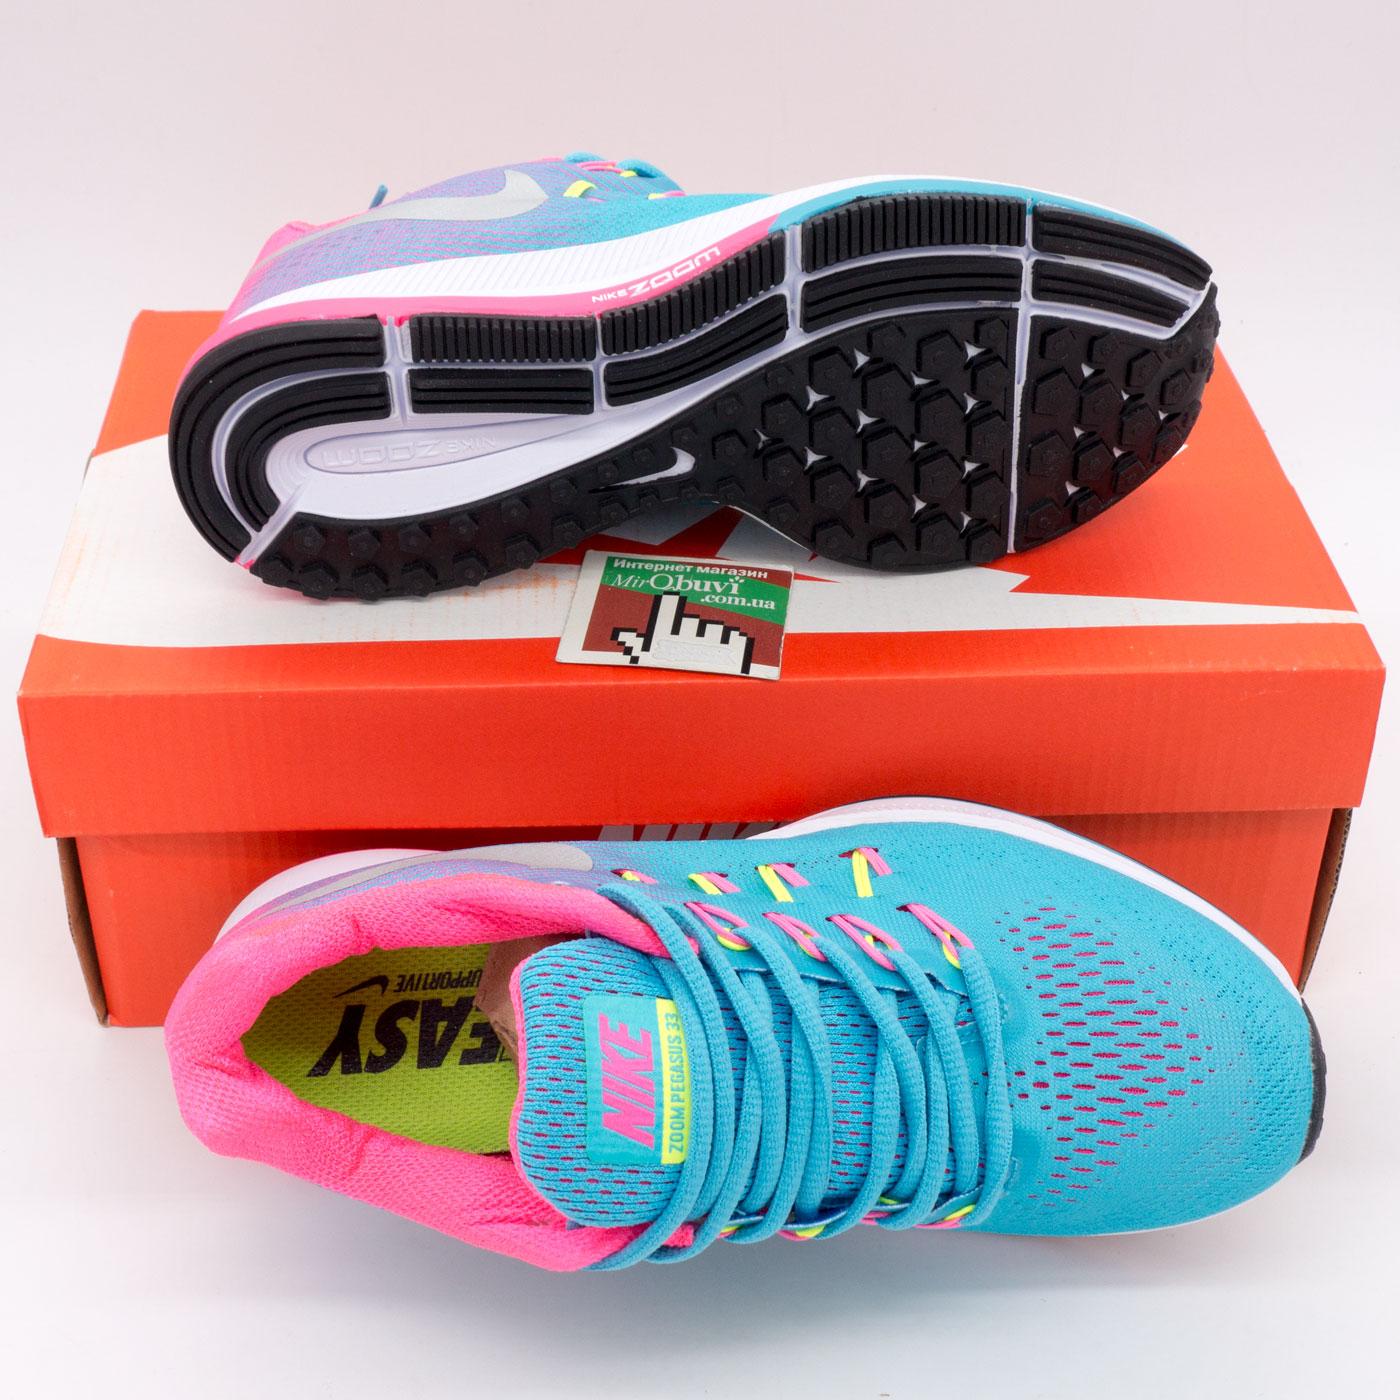 фото bottom Женские кроссовки для бега Nike Zoom Pegasus 33 голубые. Топ качество! bottom